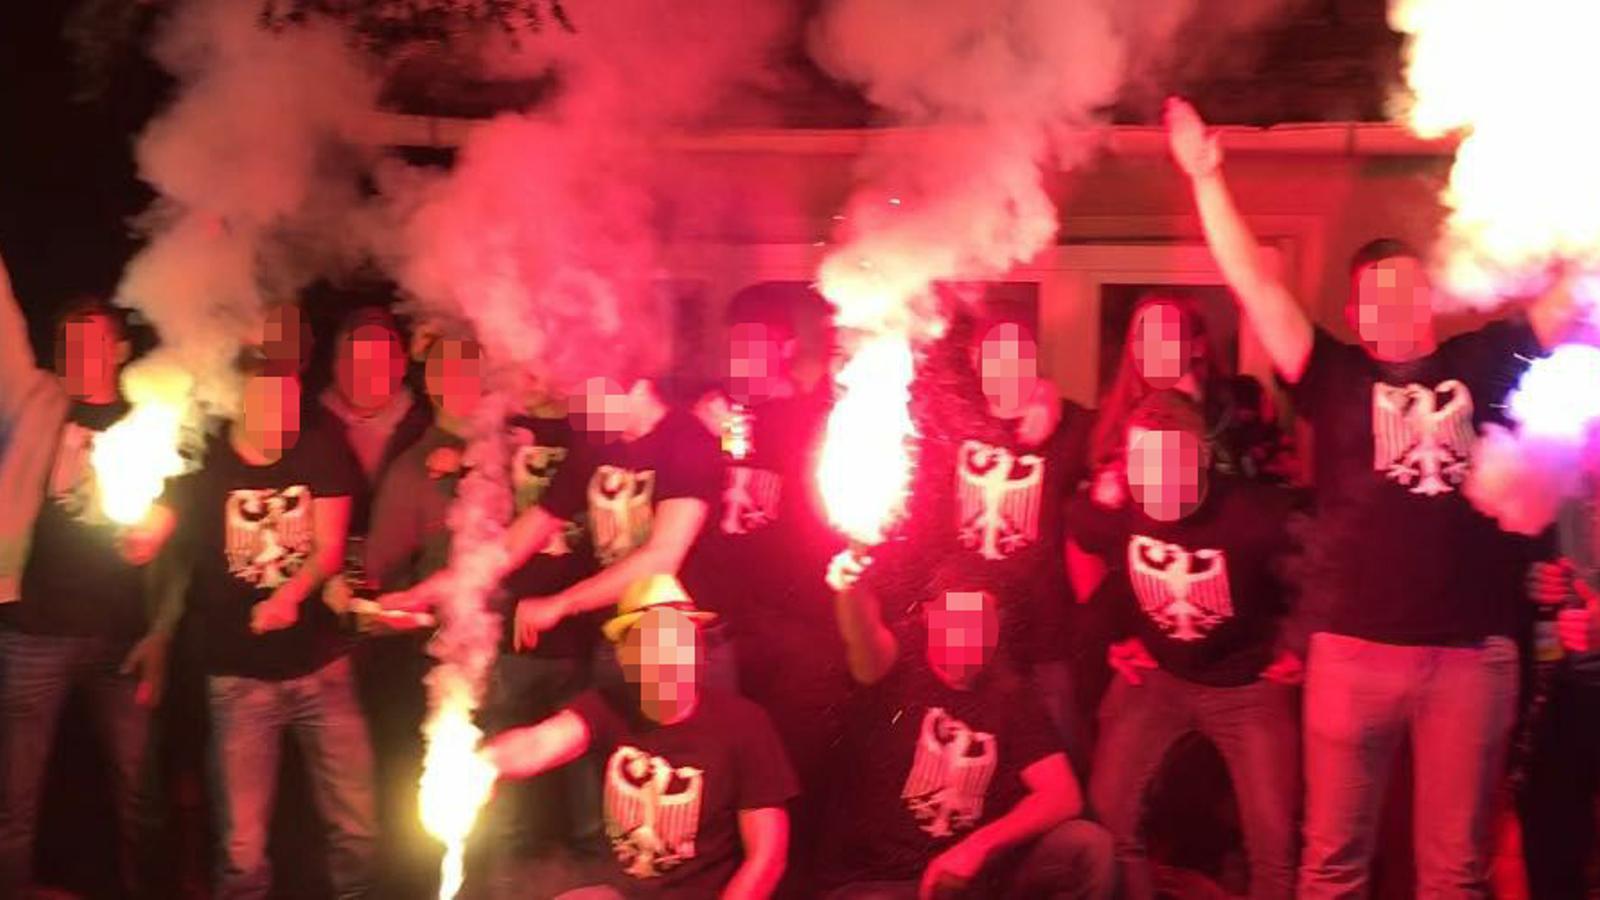 Imatge d'un grup d'ultres del futbol amb samarretes amb l'escut de la selecció alemanya, alguns fent la salutació nazi, publicada al compte de Facebook de Johannes H.